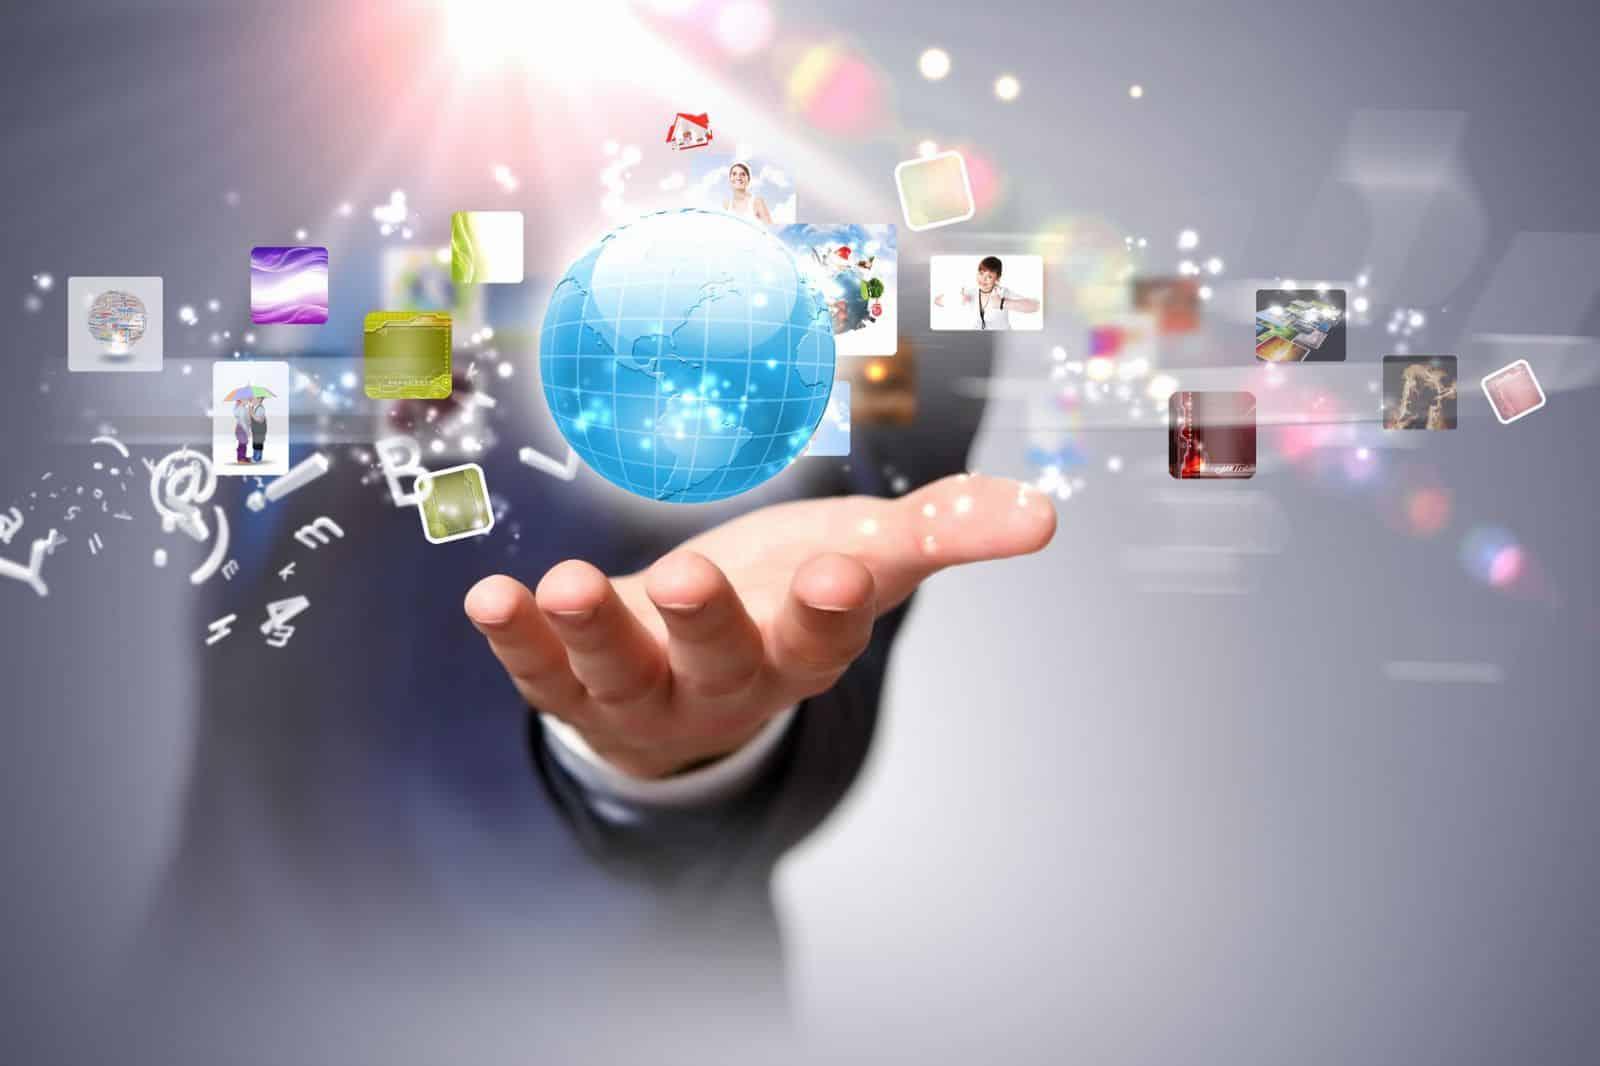 Comment gérer la Révolution digitale ?